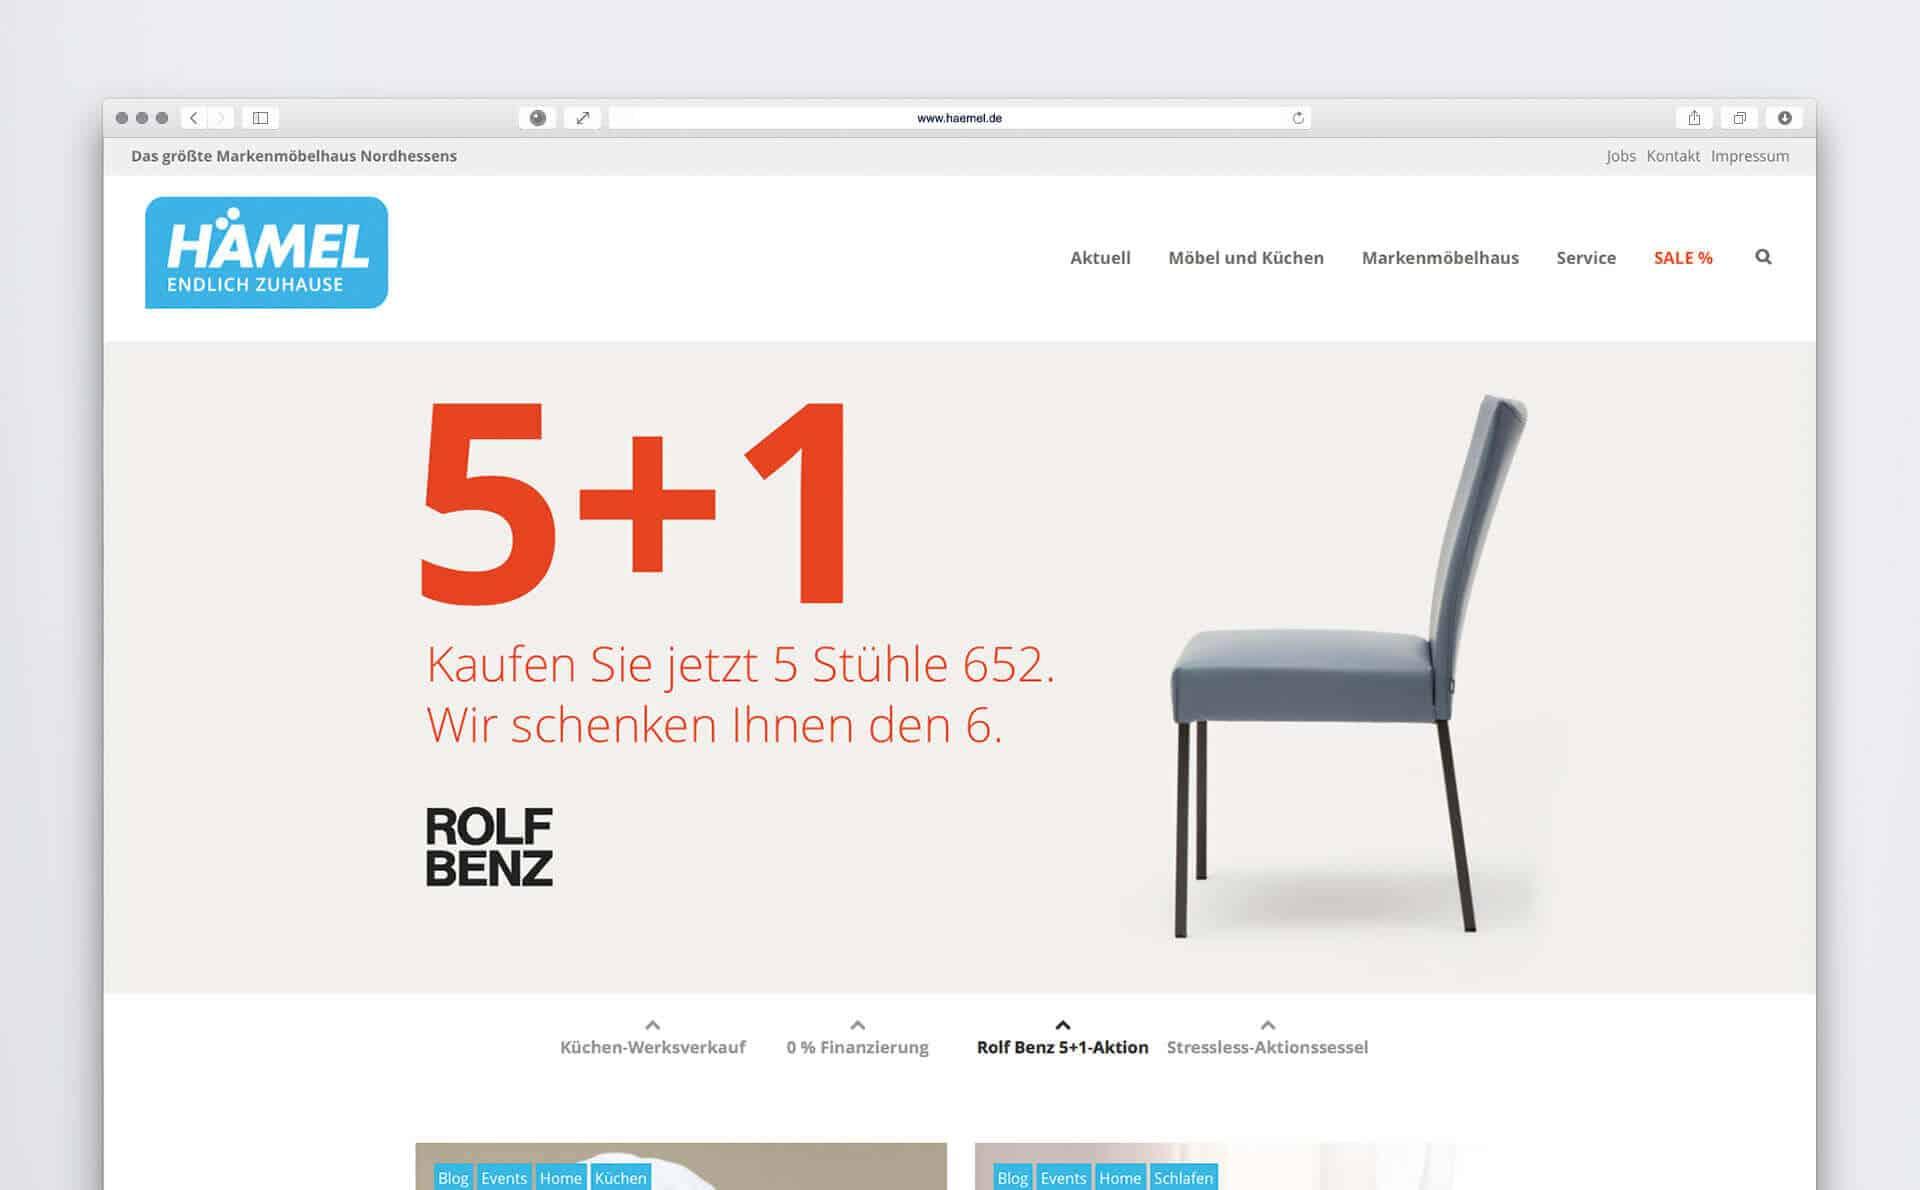 Gerryland-Referenz-Hämel-Website-Screens-1